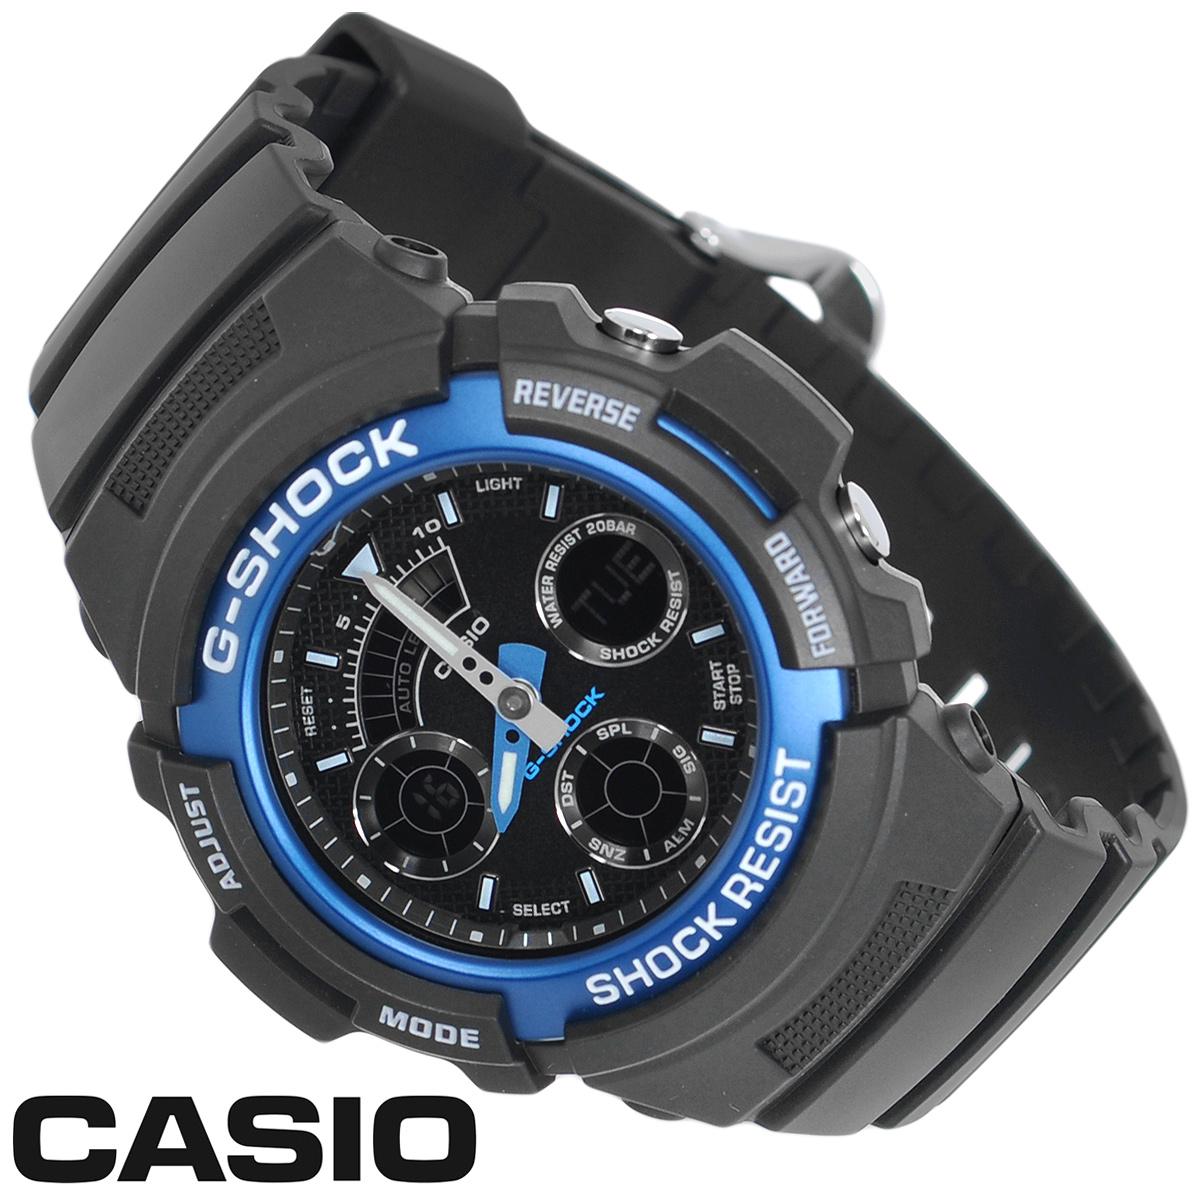 Часы мужские наручные Casio G-Shock, цвет: черный, синий. AW-591-2AAW-591-2AСтильные аналогово-цифровые кварцевые часы G-Shock от японского брэнда Casio - это яркий функциональный аксессуар для современных людей, которые стремятся выделиться из толпы и подчеркнуть свою индивидуальность. Часы выполнены в спортивном стиле. Корпус имеет ударопрочную конструкцию, защищающую механизм от ударов и вибрации. Циферблат с люминесцентными отметками и двумя стрелками оснащен светодиодной автоподсветкой. Ремешок из пластика имеет классическую застежку. Основные функции: - 5 будильников с функцией Snooze, ежечасный сигнал; - автоматический календарь (число, месяц, день недели, год); - секундомер с точностью показаний 1/100 с и временем измерения 1 ч; - мировое время; - таймер; - 12-ти и 24-х часовой формат времени. Часы упакованы в фирменную коробку с логотипом Casio. Такой аксессуар добавит вашему образу стиля и подчеркнет безупречный вкус своего владельца. ...